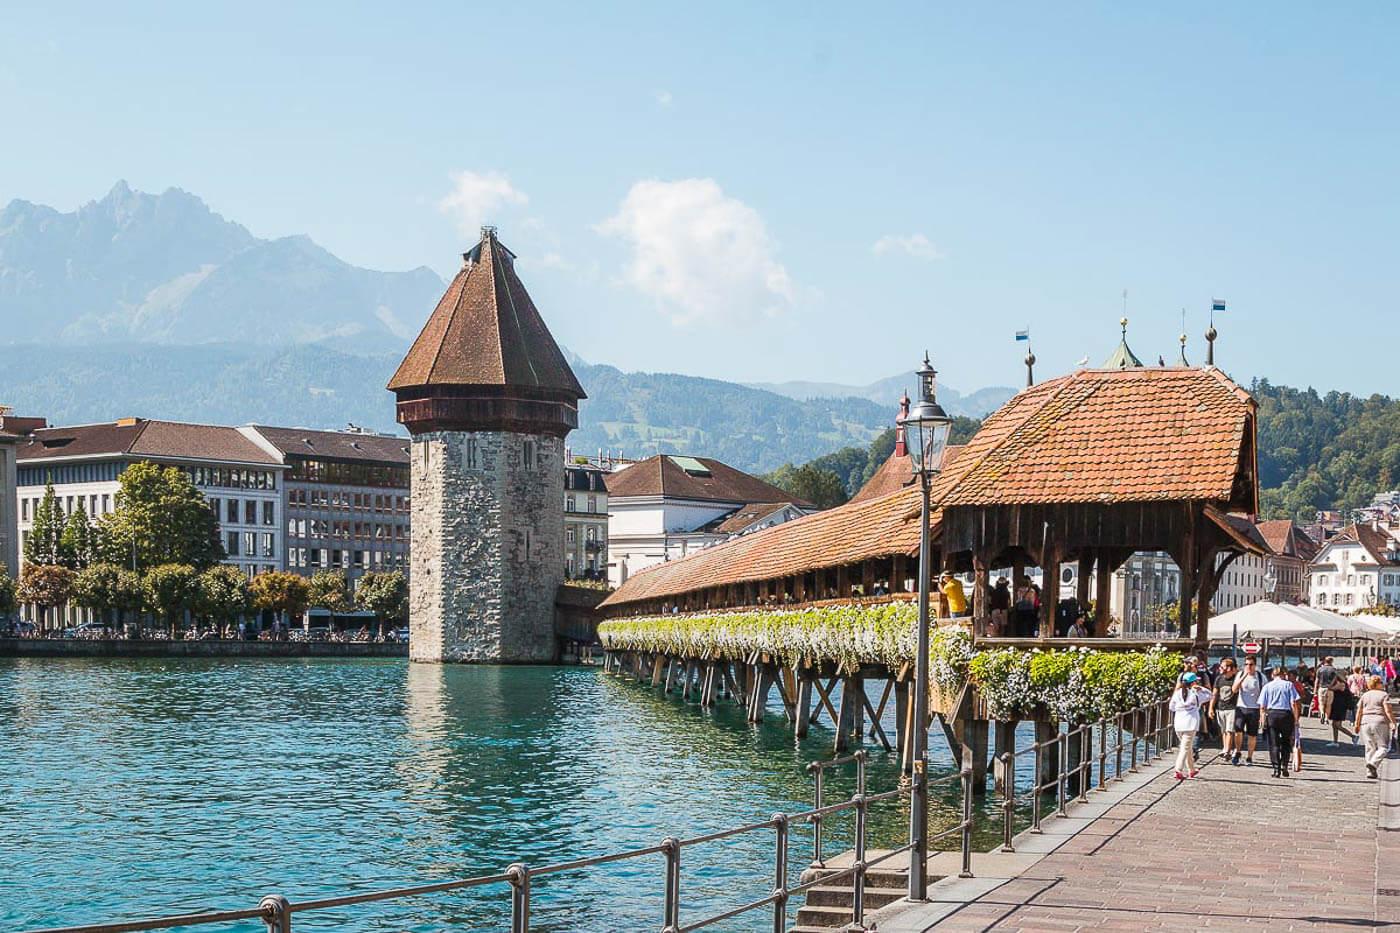 Viagem para Suíça - Turismo para Suíça - Lucerna